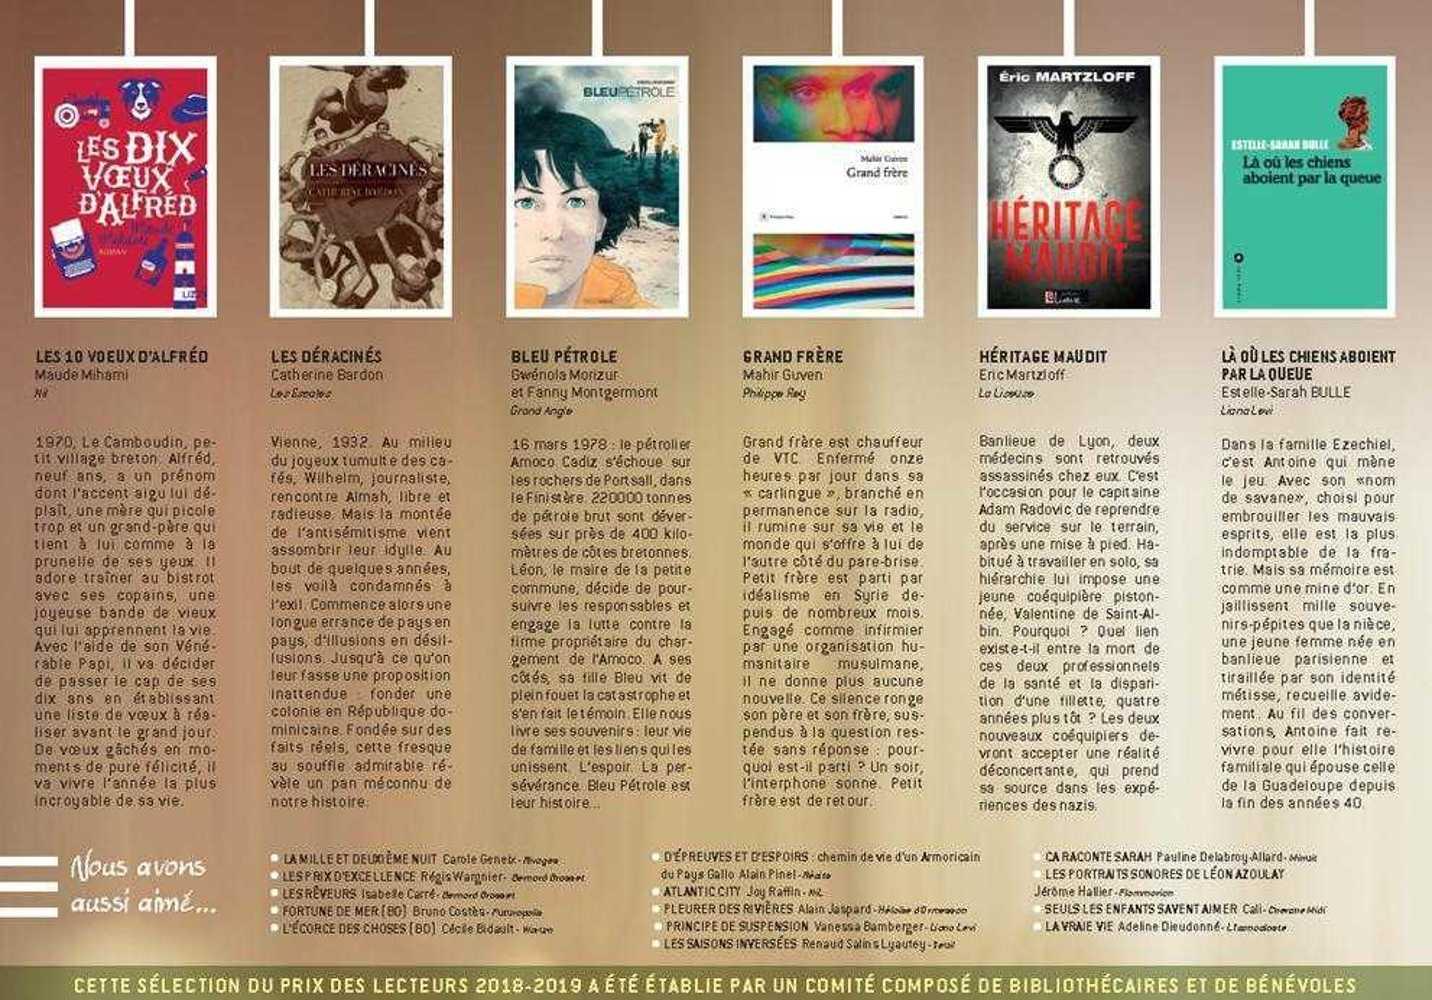 Prix des lecteurs romanprixdeslecteurs